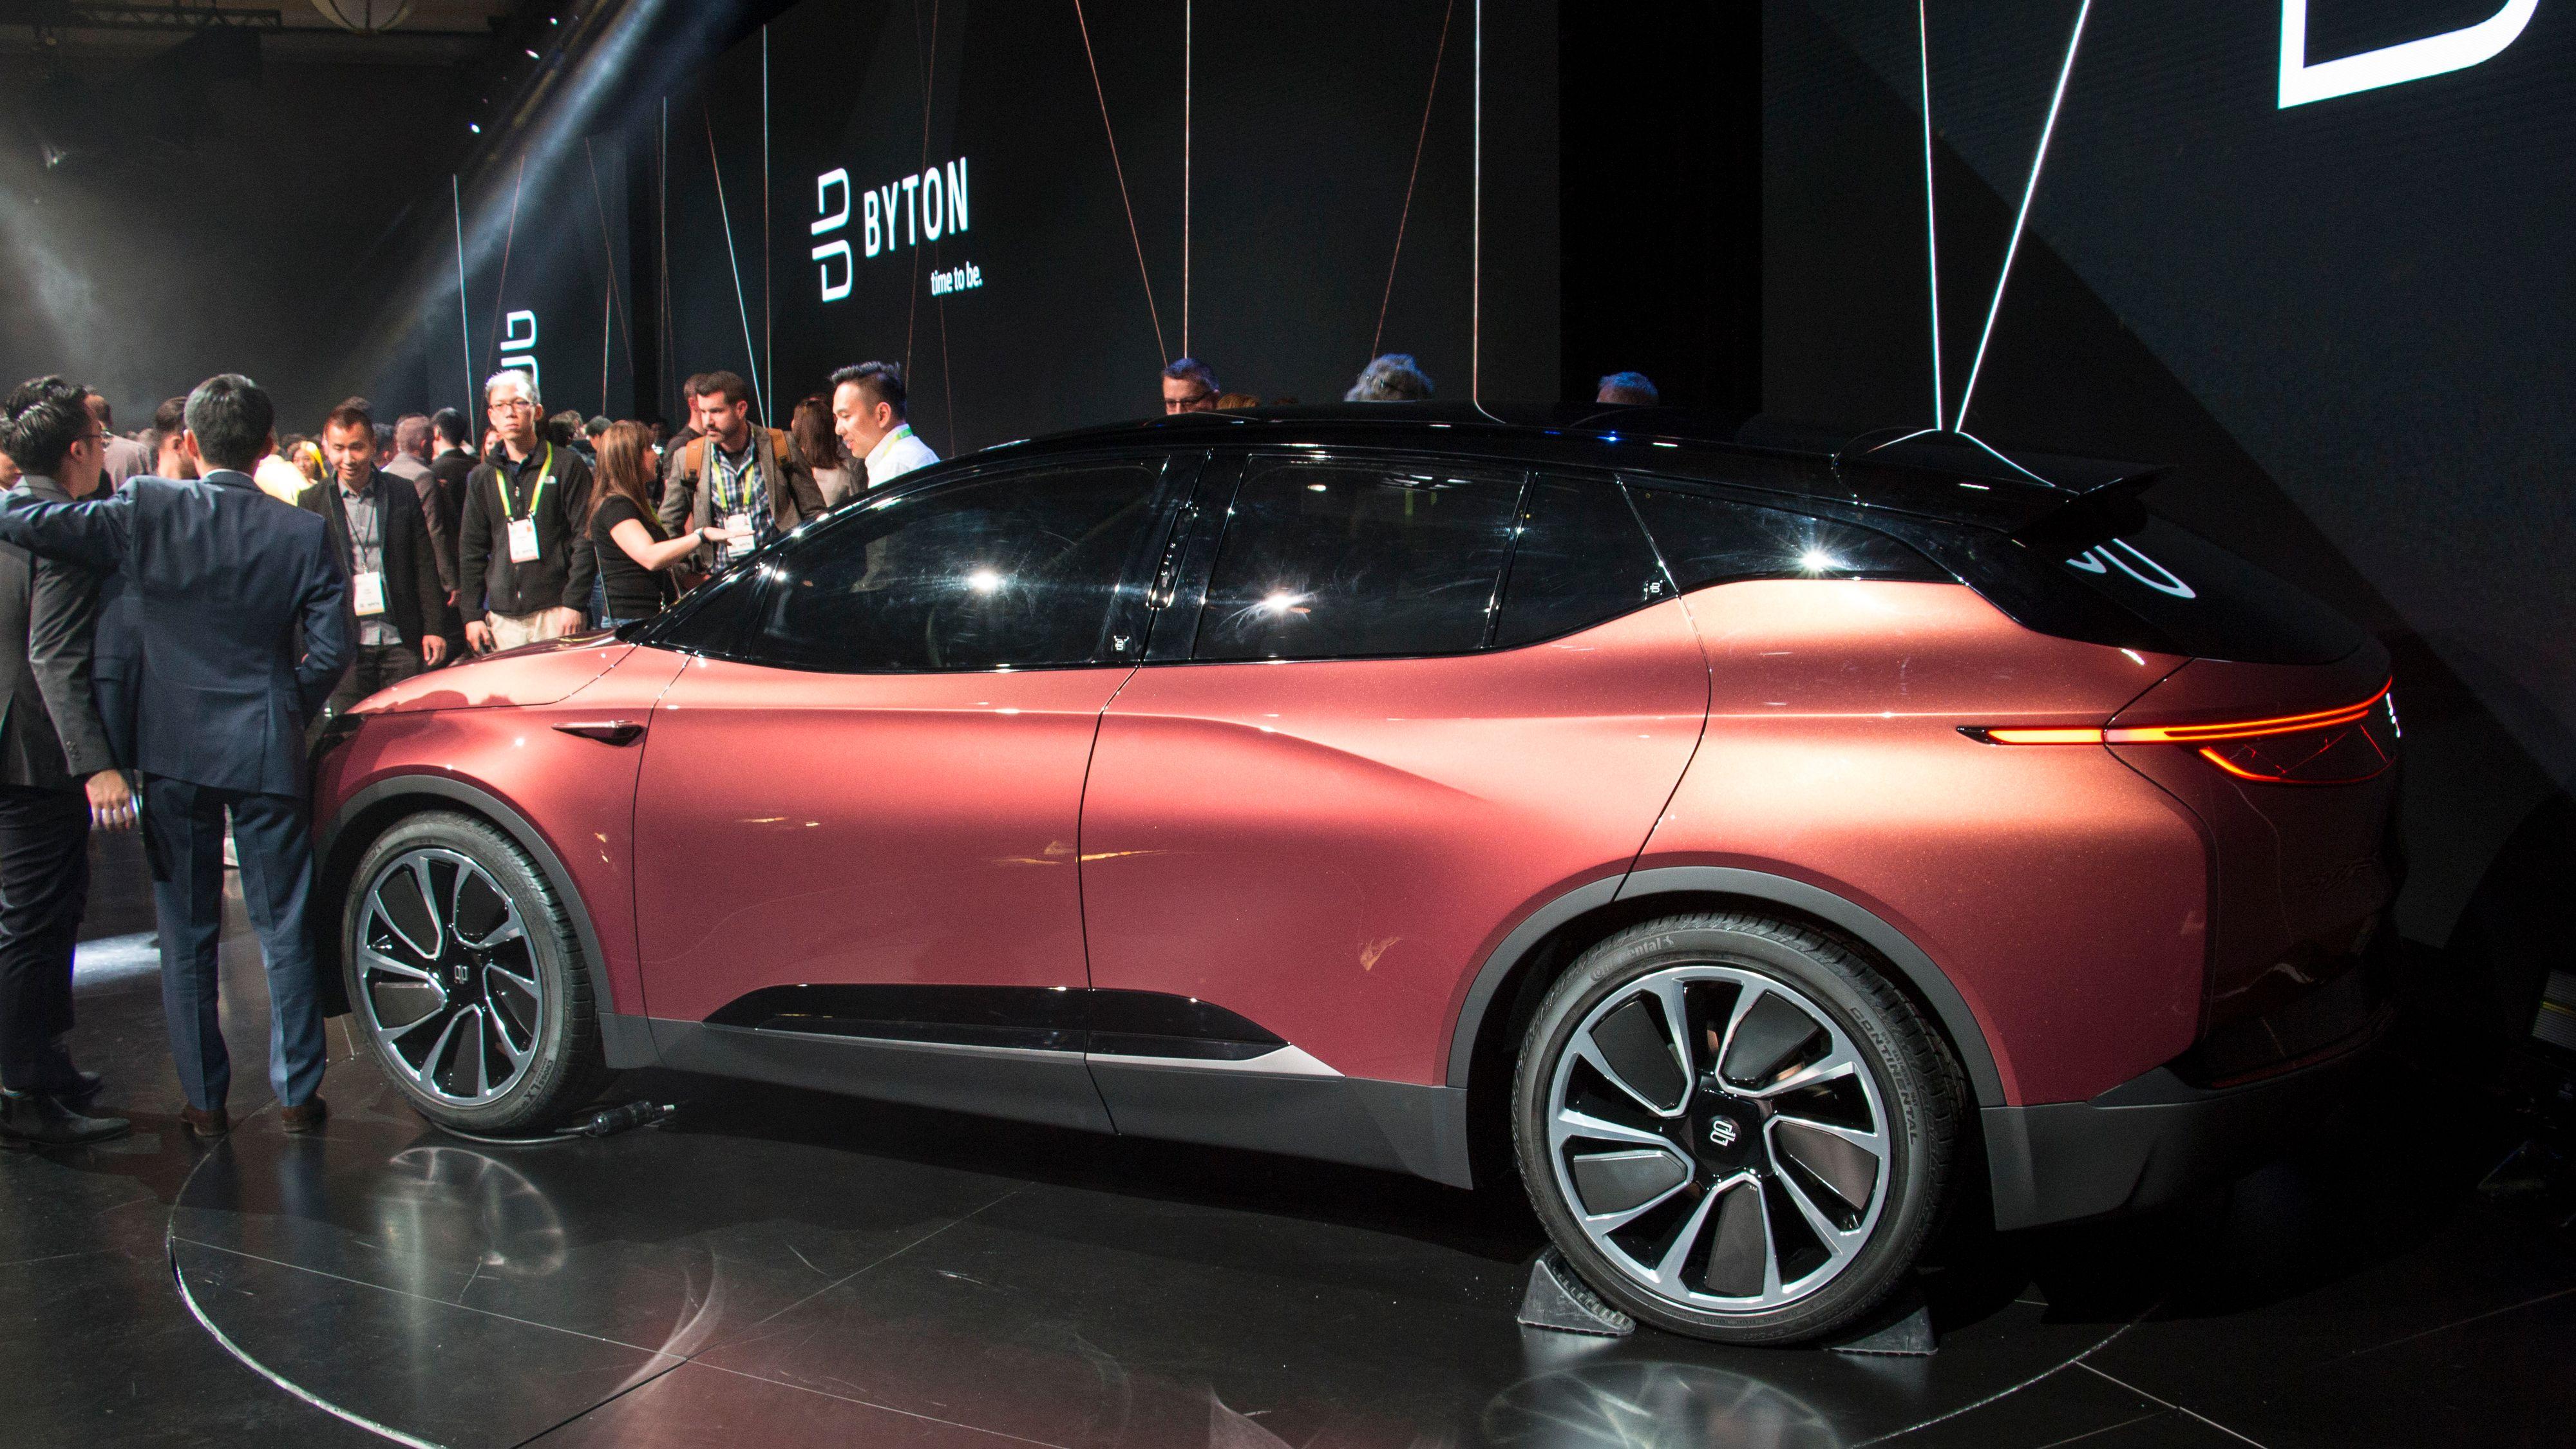 Byton-bilen har ikke synlige dørhåndtak, ingen antenne på taket og heller ingen sidespeil. Bilde: Stein Jarle Olsen, Tek.no